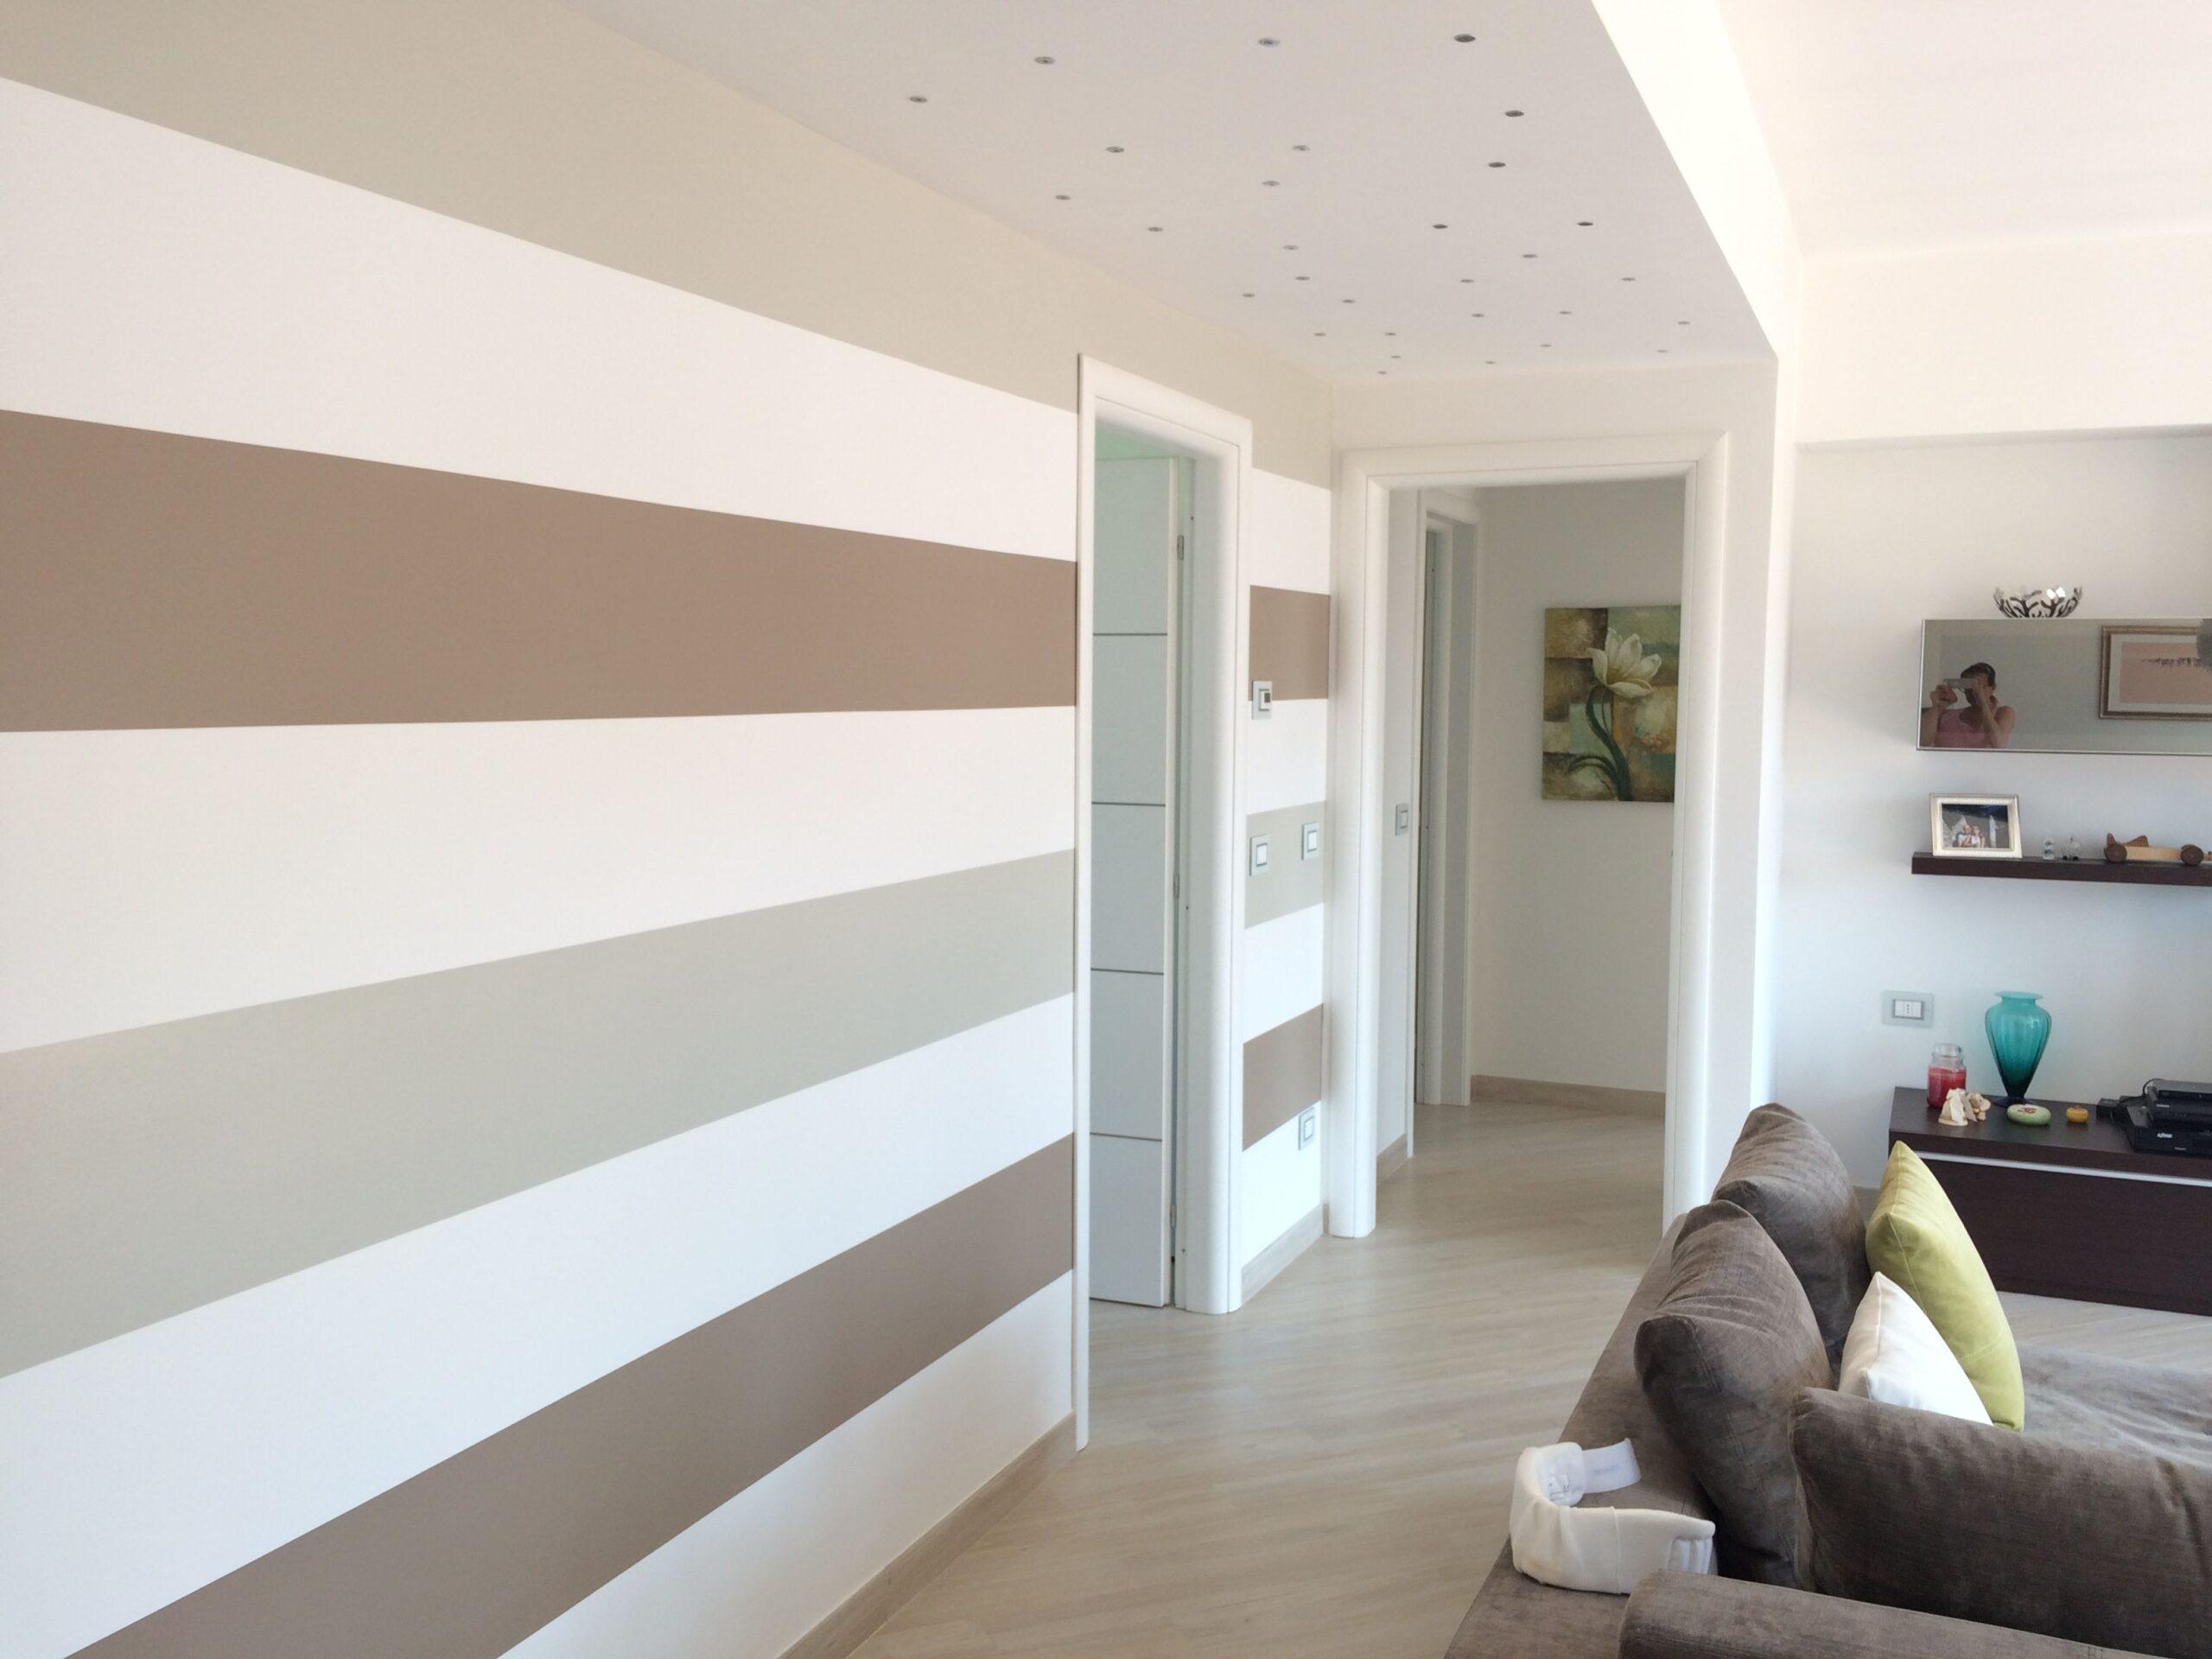 줄무늬 벽